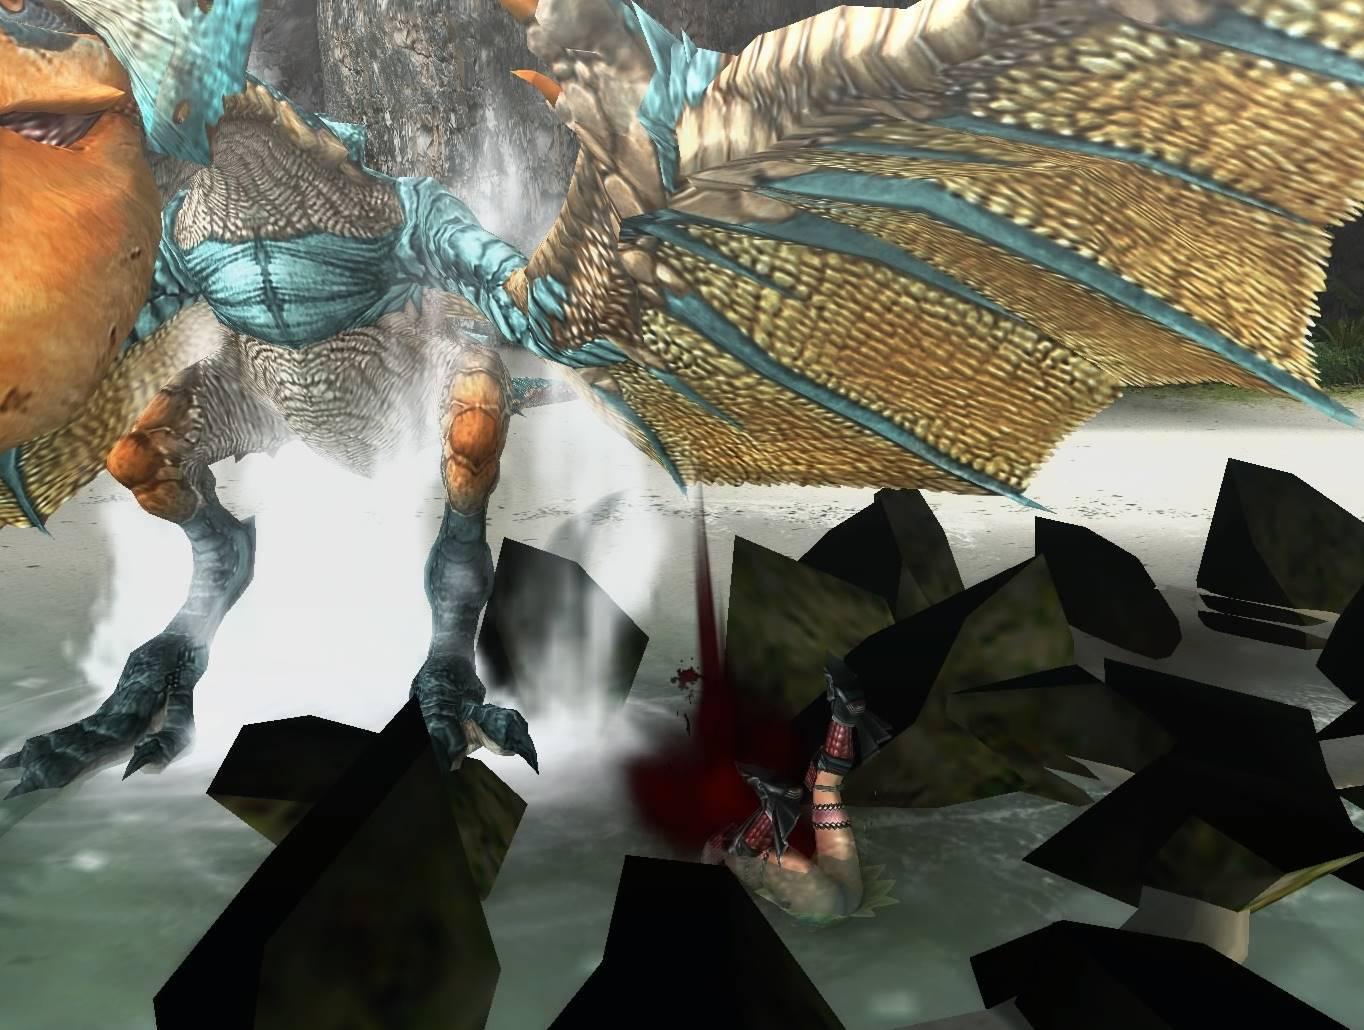 いくら入門飛竜の怪鳥とは言っても、下手したら殺される